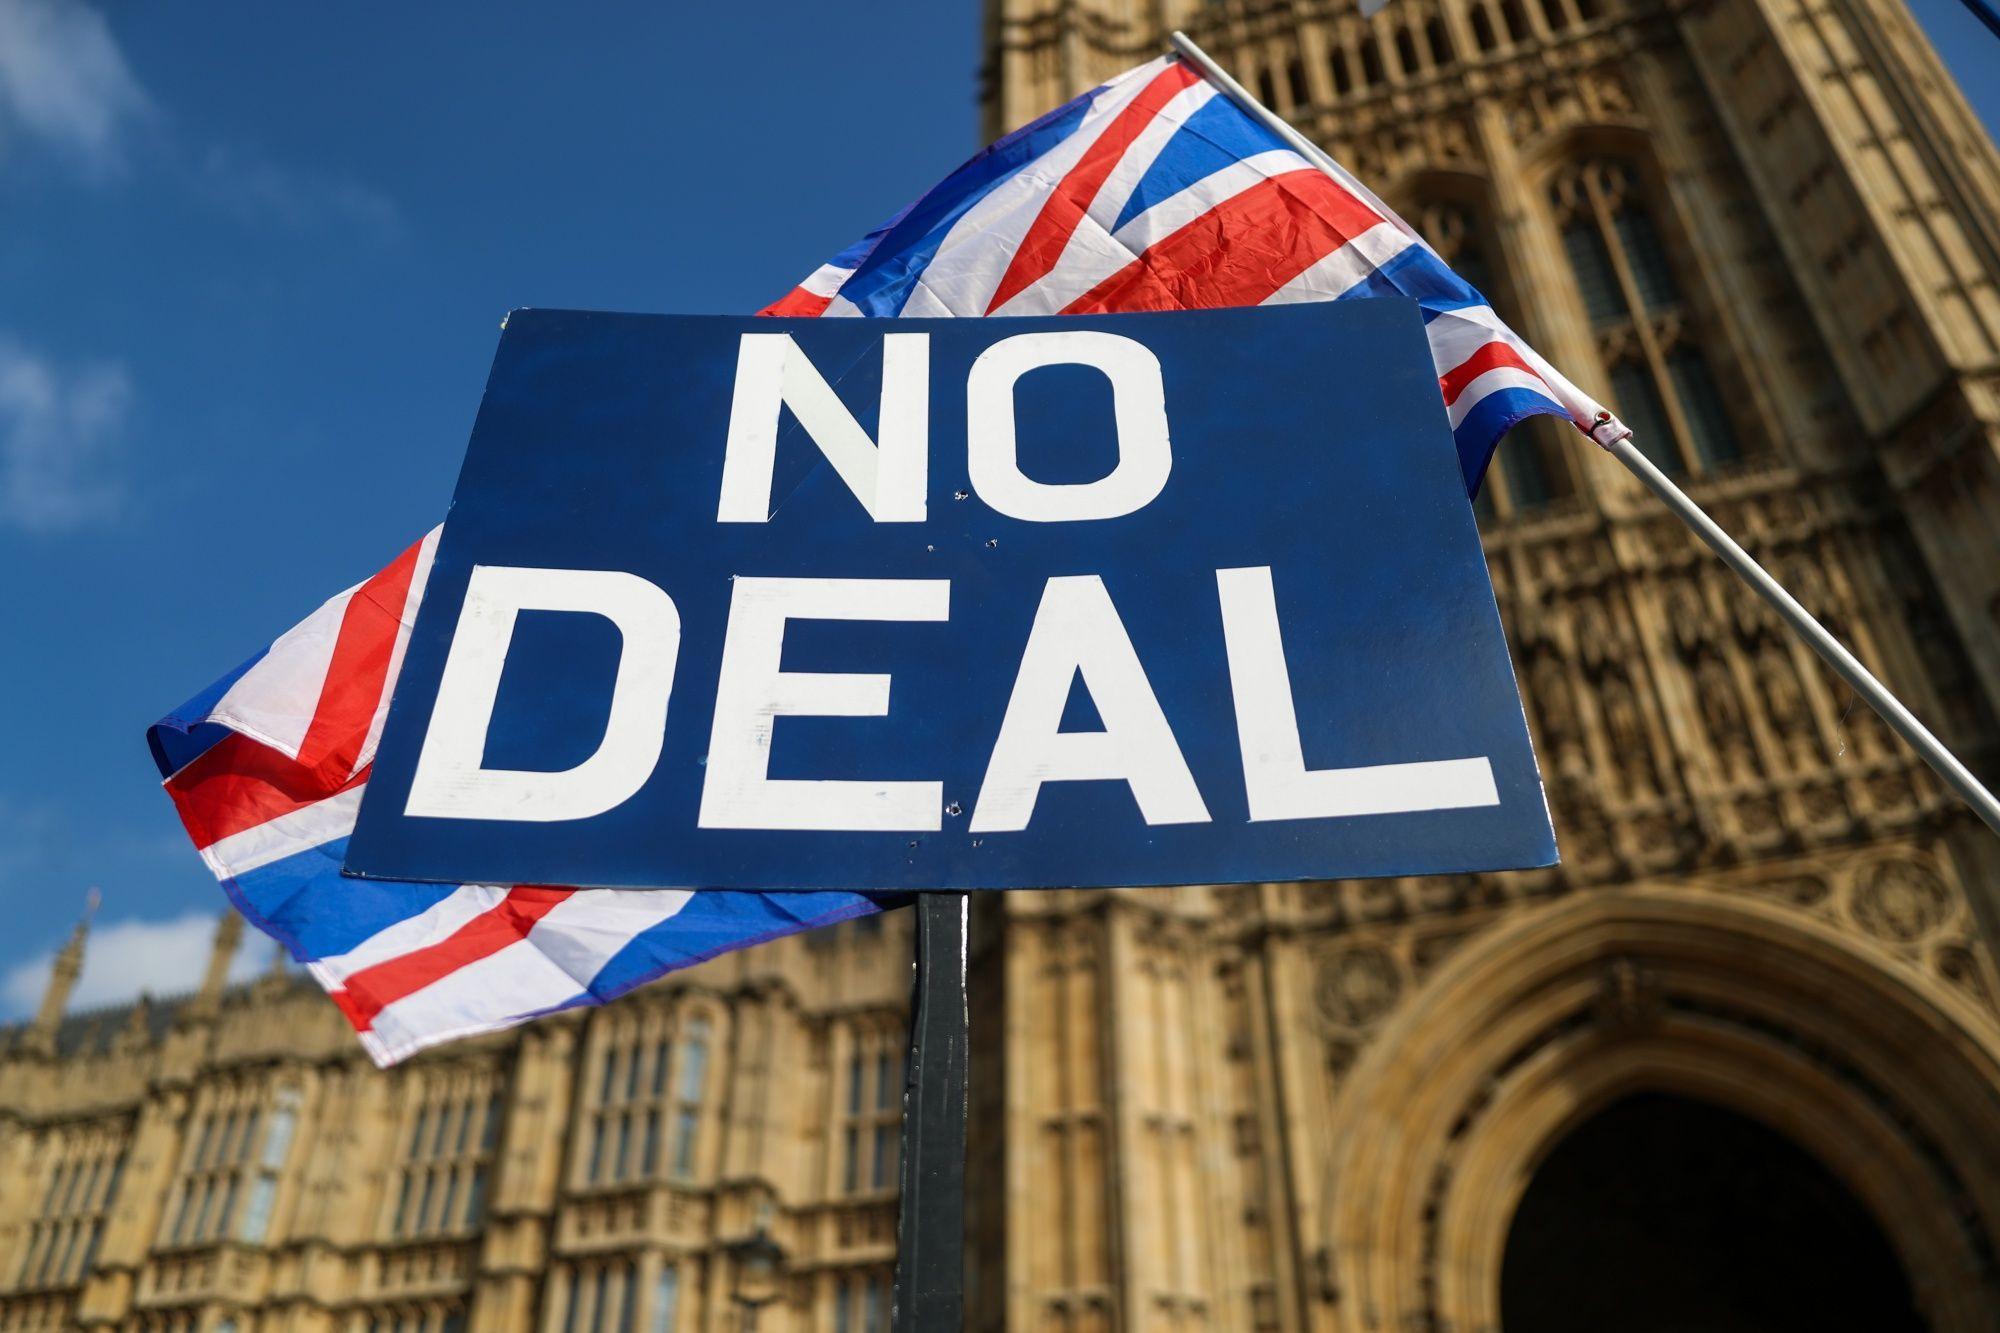 Ұлыбритания Брексит шарттарын өзгерту туралы құжатты Еуроодаққа жіберді